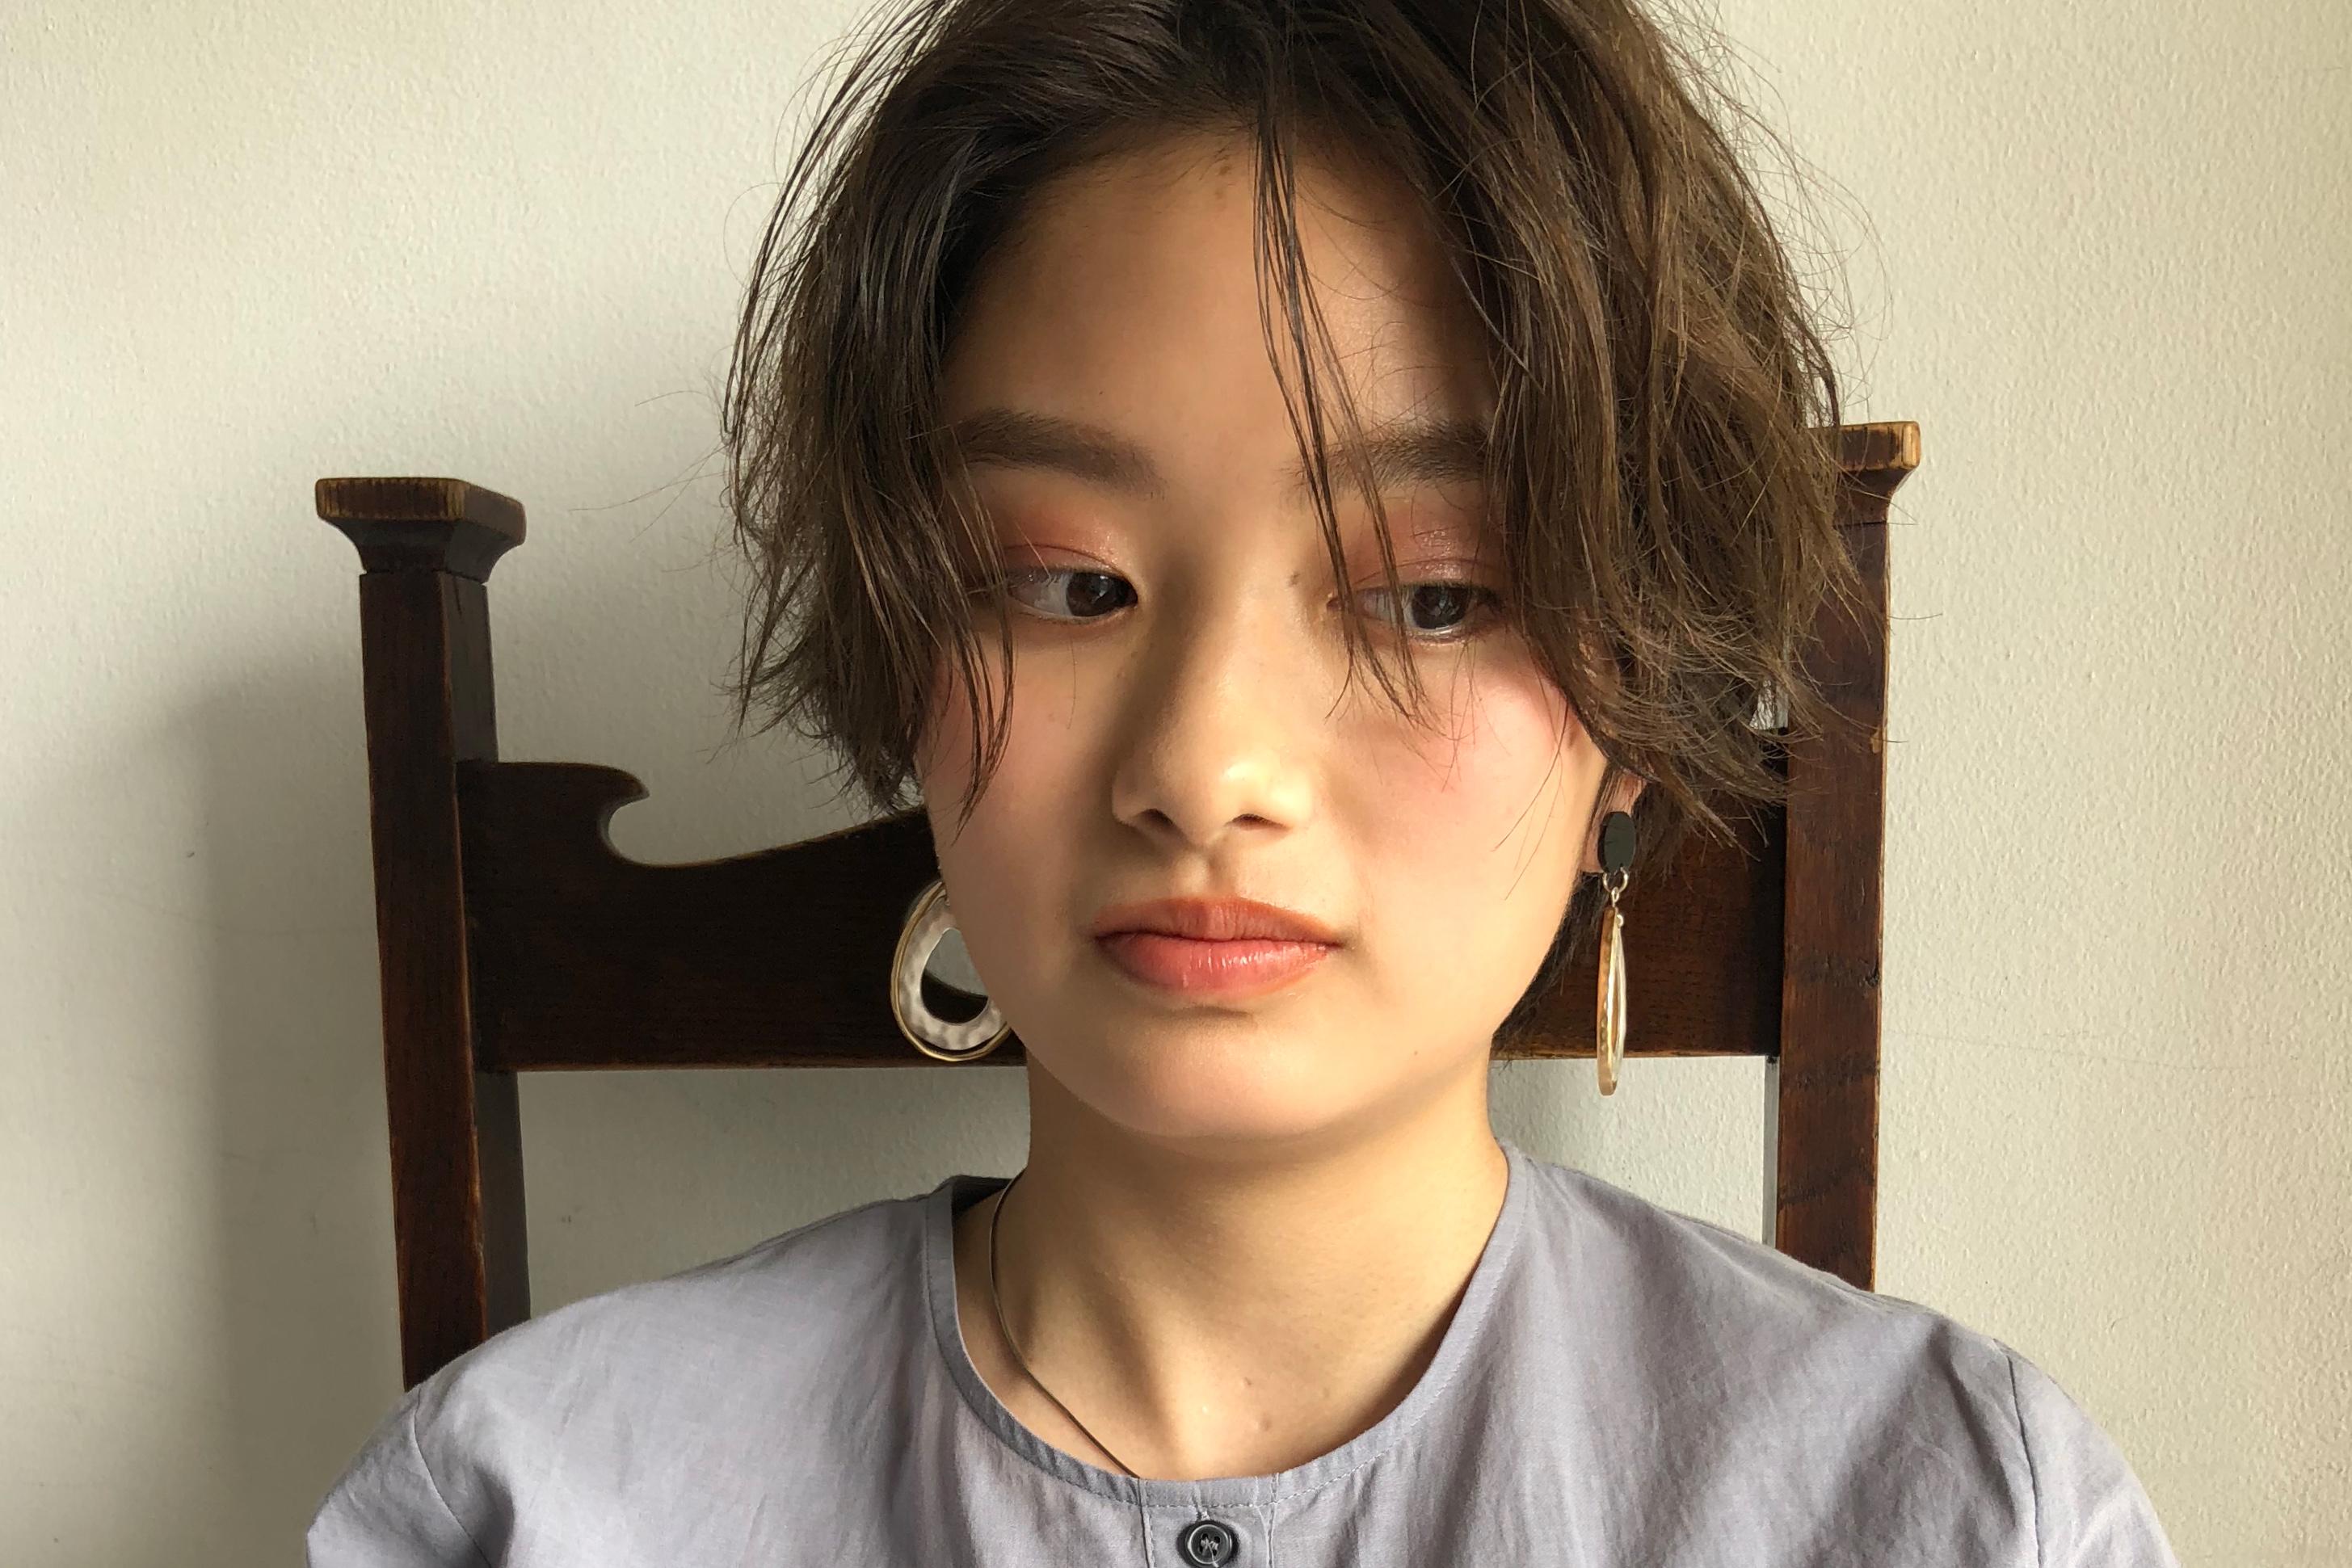 流行の髪型の『ハンサムショート』にパーマをかける